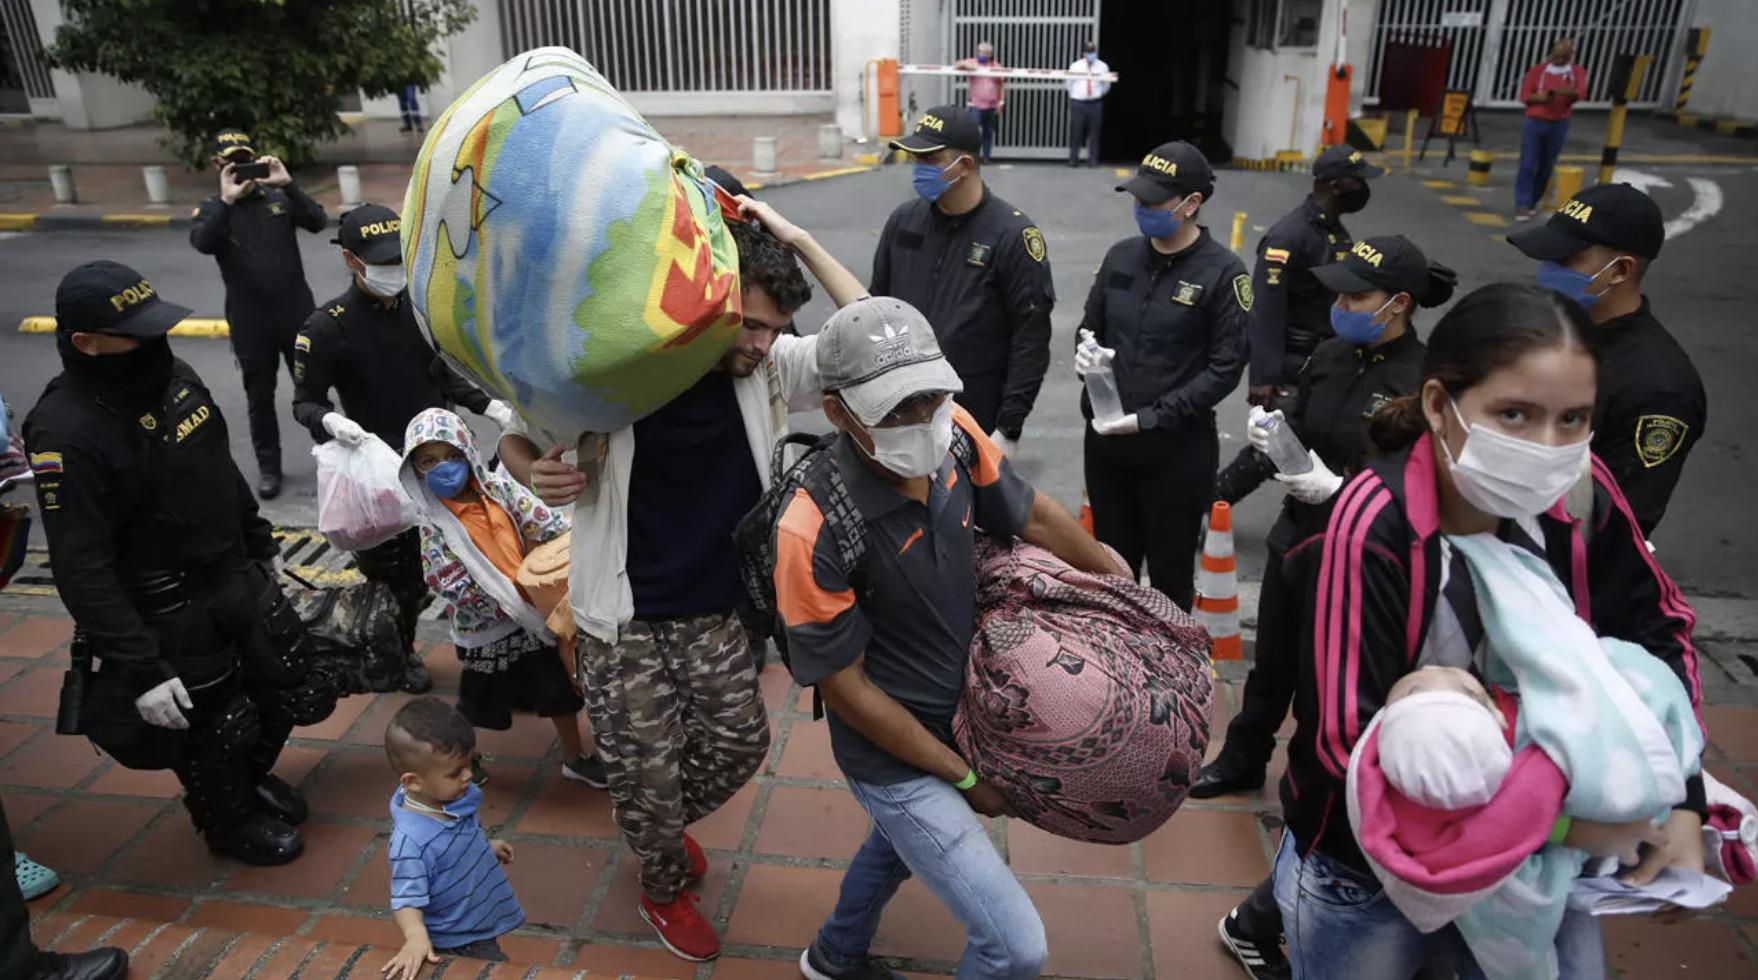 """N. Plazas, """"Más de 90,000 Venezolanos han Retornado a Venezuela Desde  Colombia Durante la Pandemia,"""" France 24, 22 July 2020, https://www.france24.com/es/20200721-venezuela-migrantes-colombia-retorno-coronavirus"""